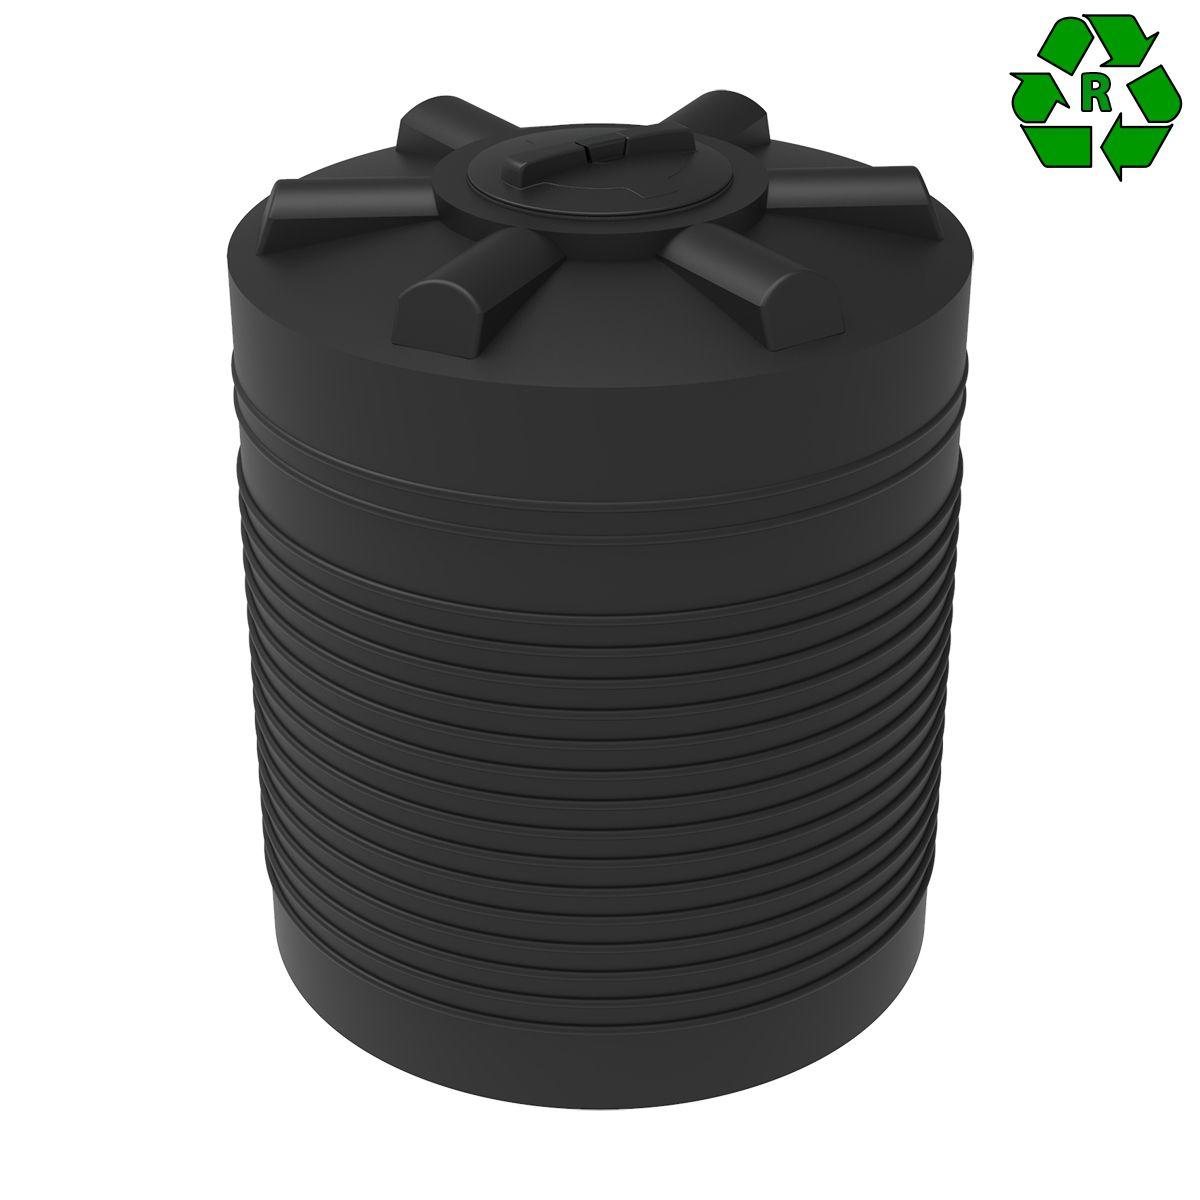 Емкость R ЭВЛ 750 литров